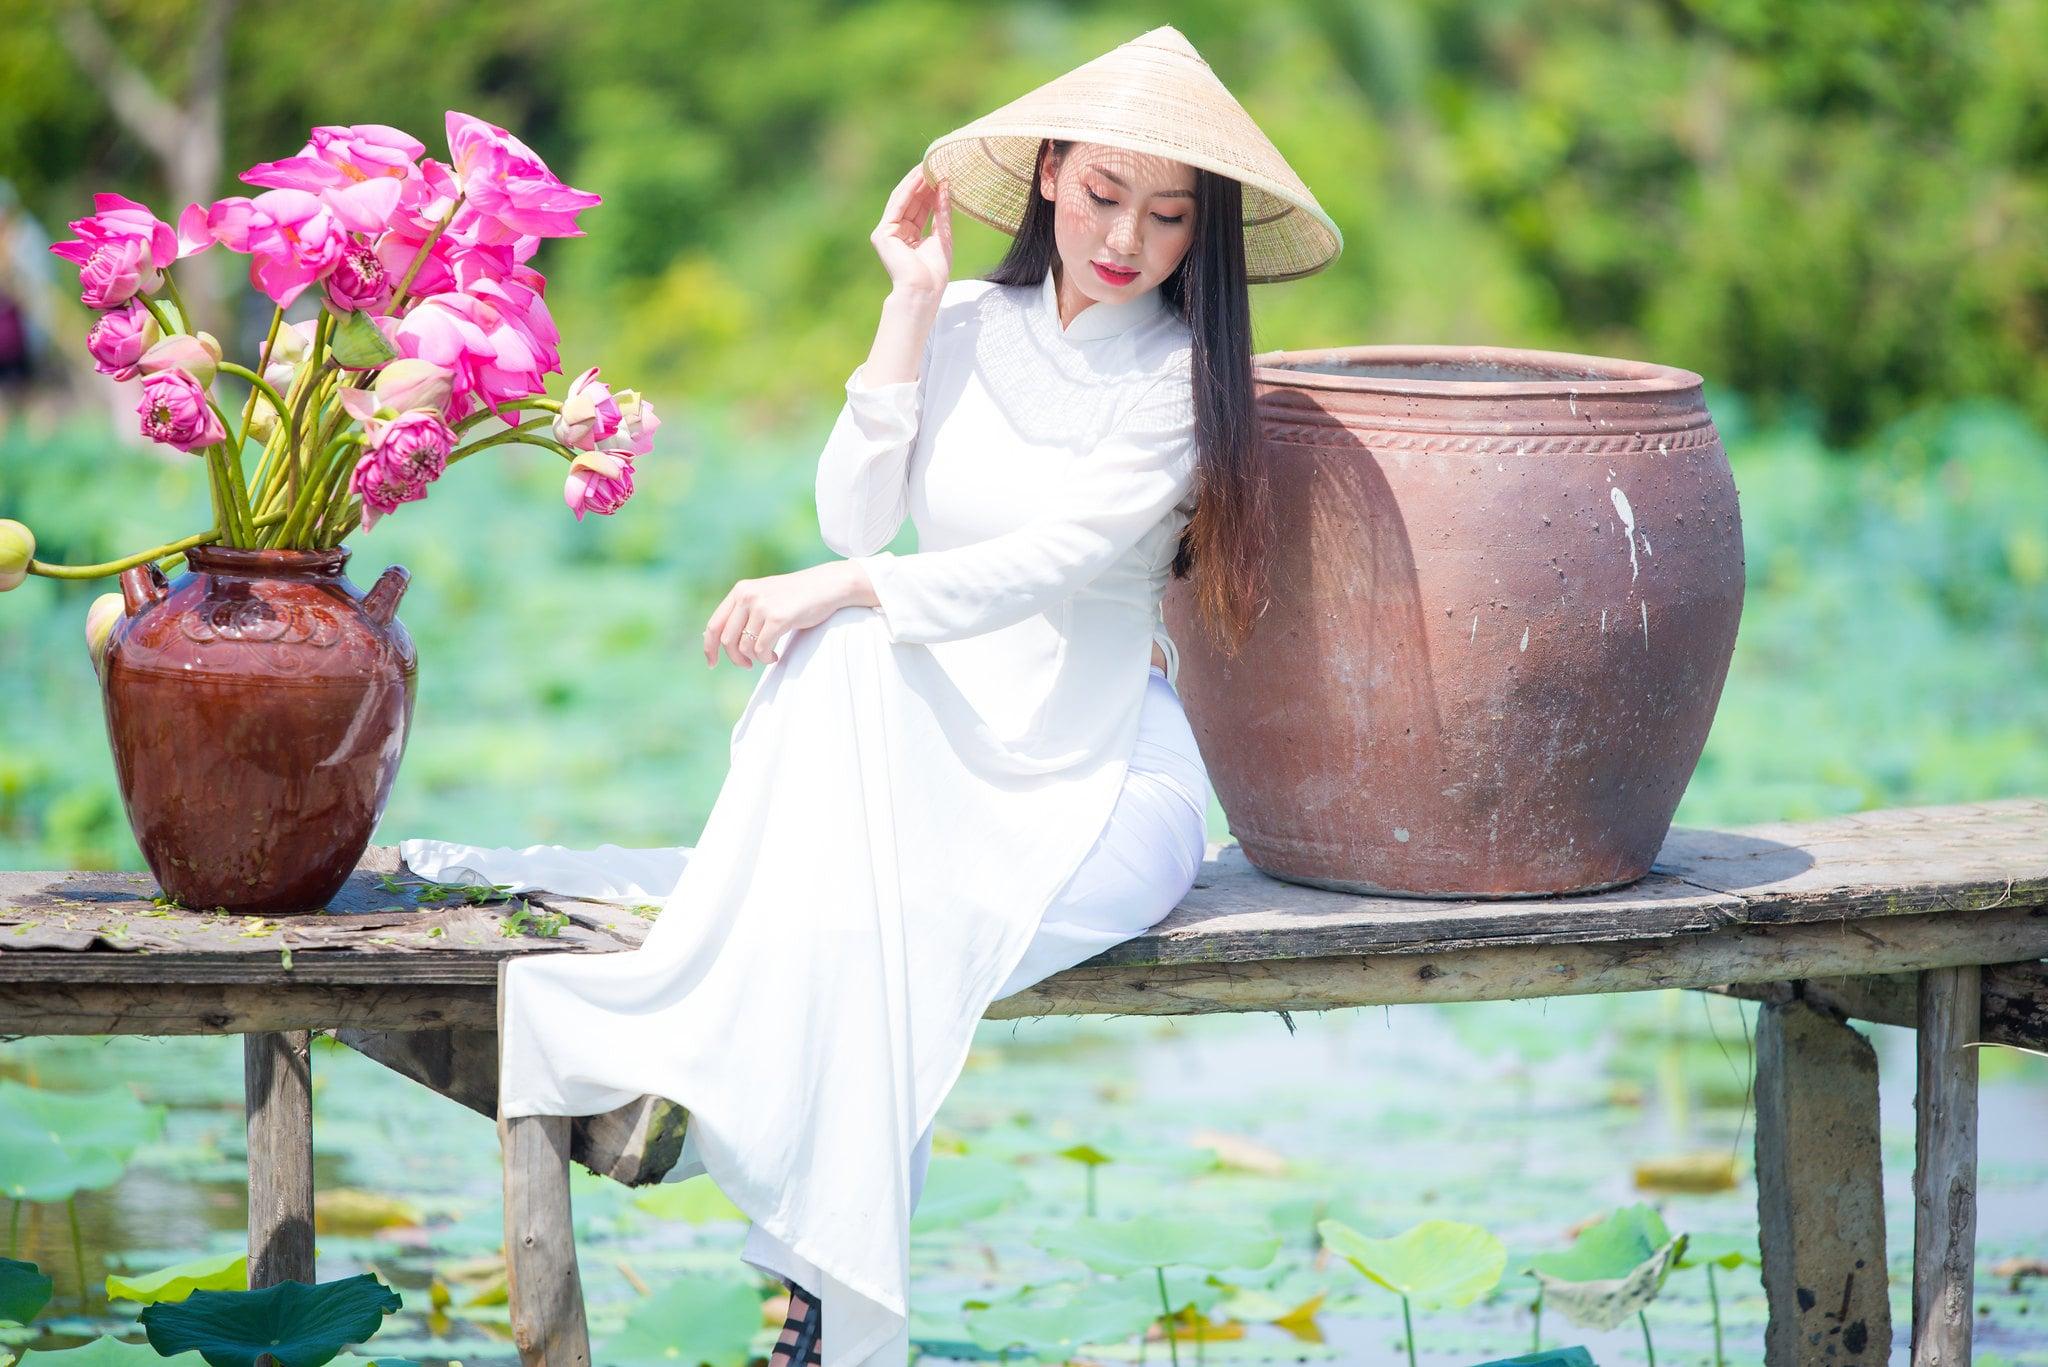 Chup hinh hoa sen 16 - Góc ảnh thiếu nữ bên hoa sen tam đa quận 9 tuyệt đẹp - HThao Studio